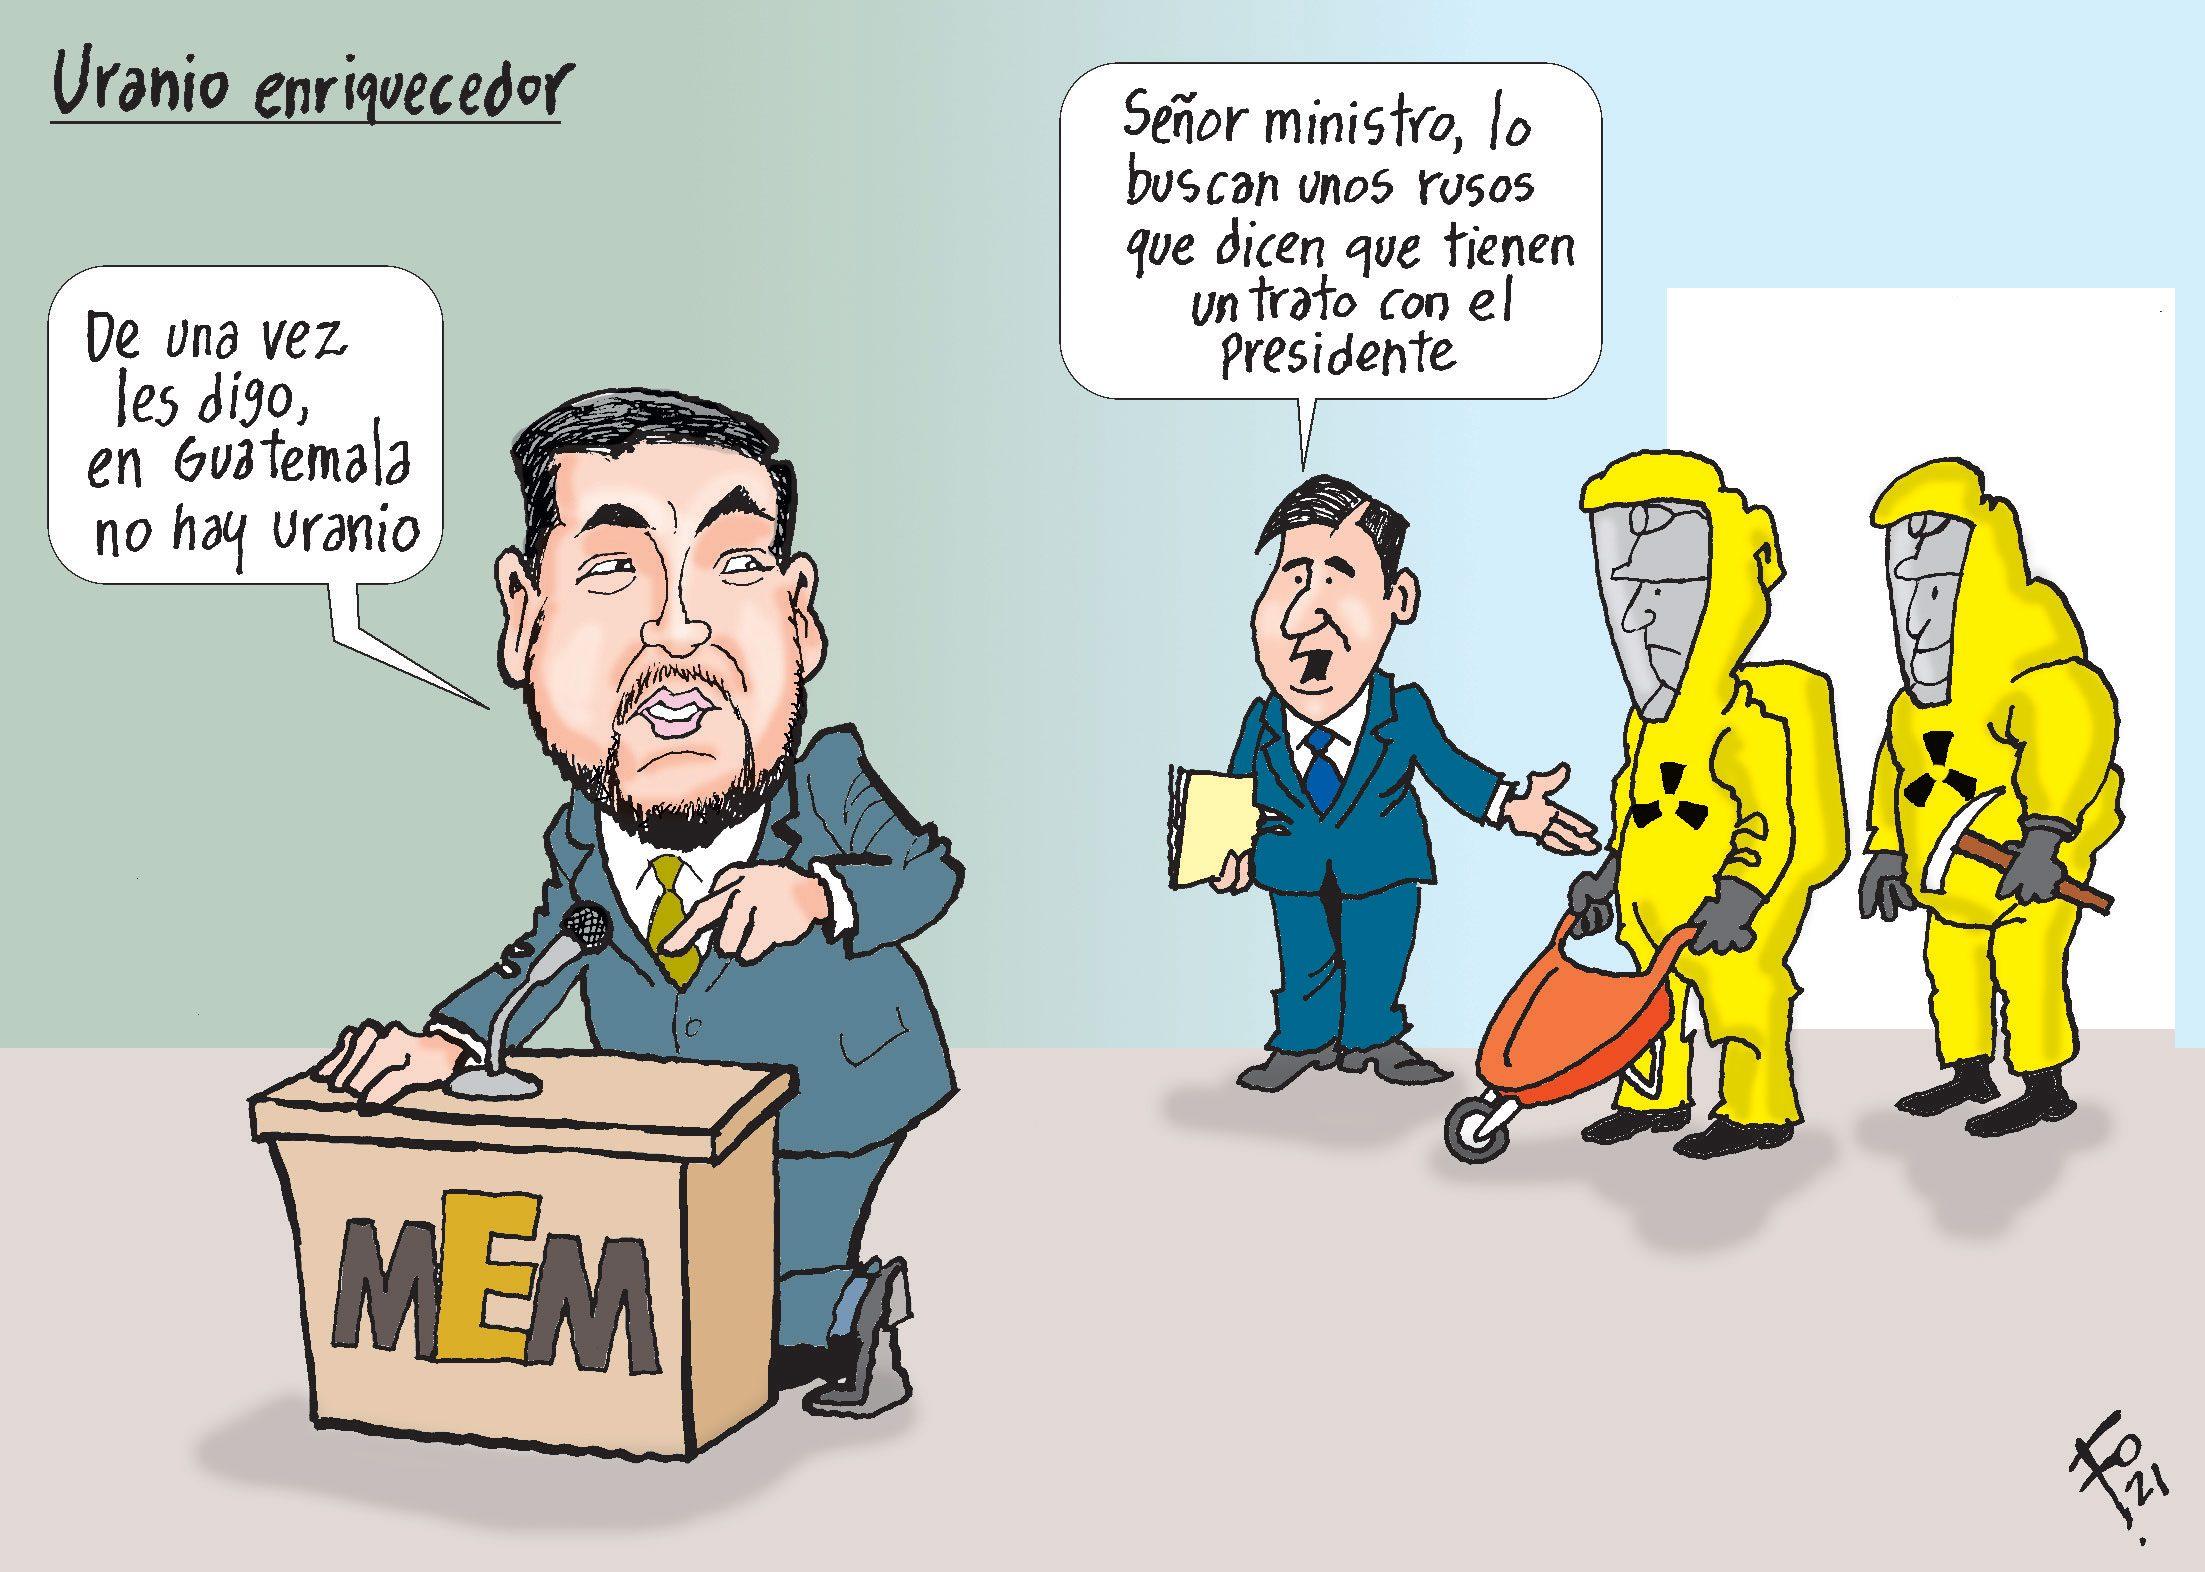 Enriquecer uranio